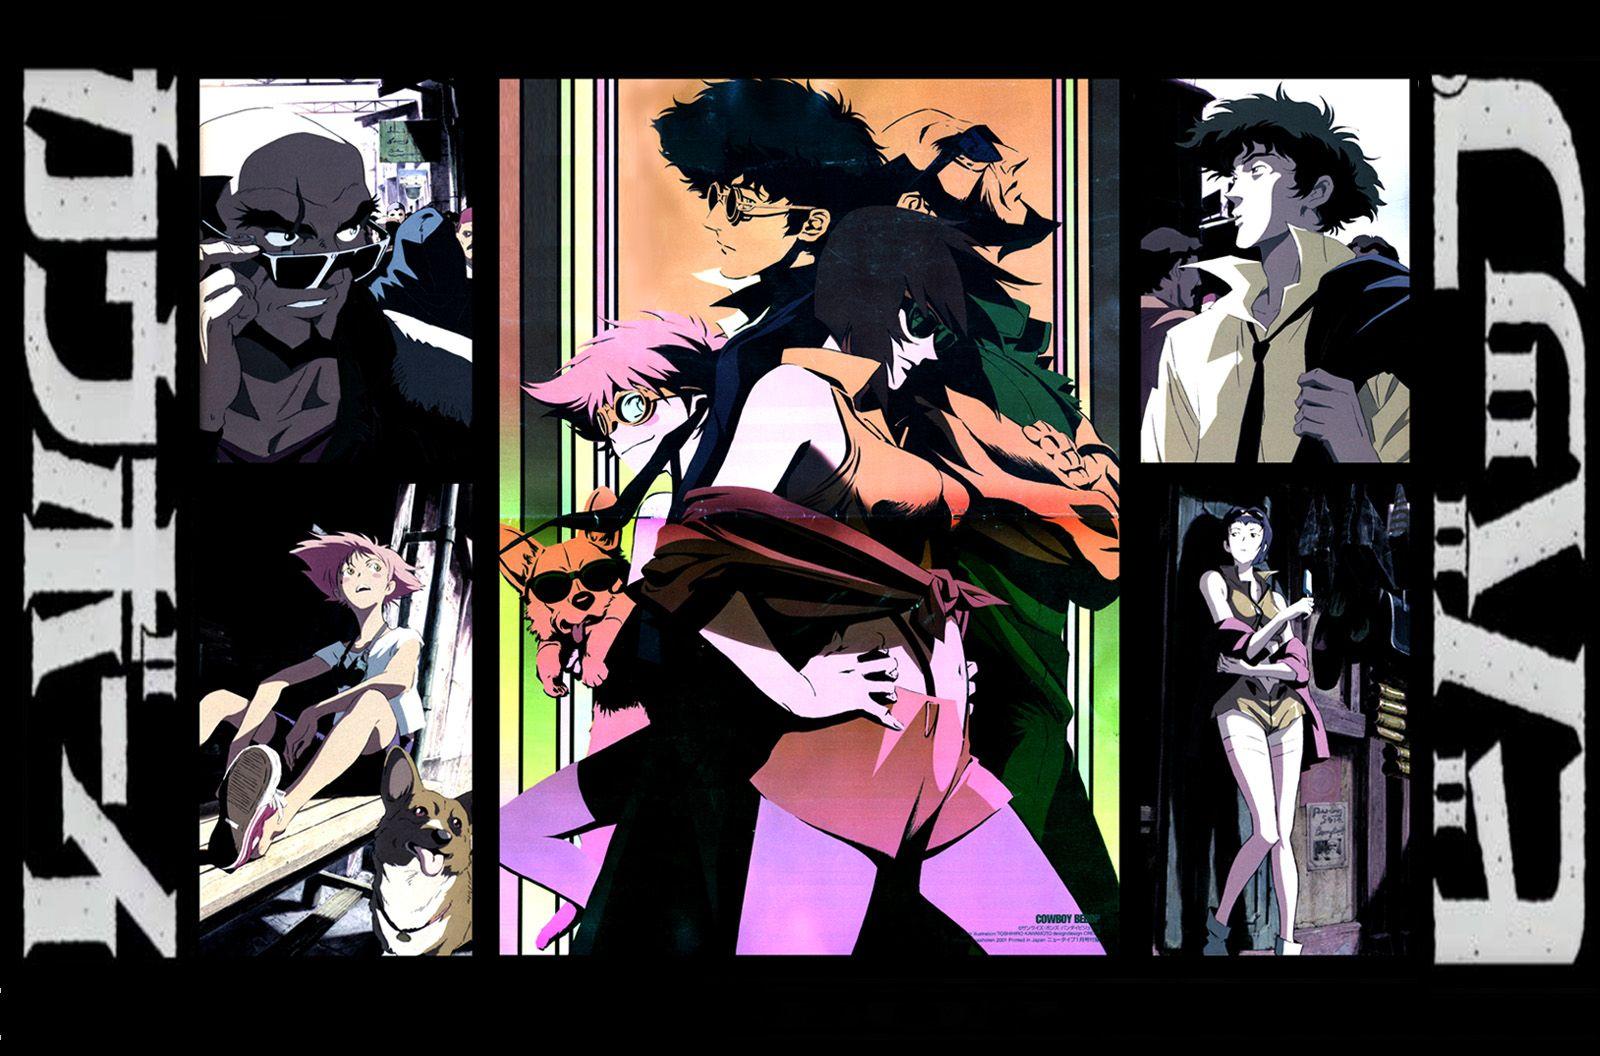 Fantastic Wallpaper Movie Cowboy Bebop - e140a3b2f06f6ea763913dbbc59ceb11  HD_164761.jpg